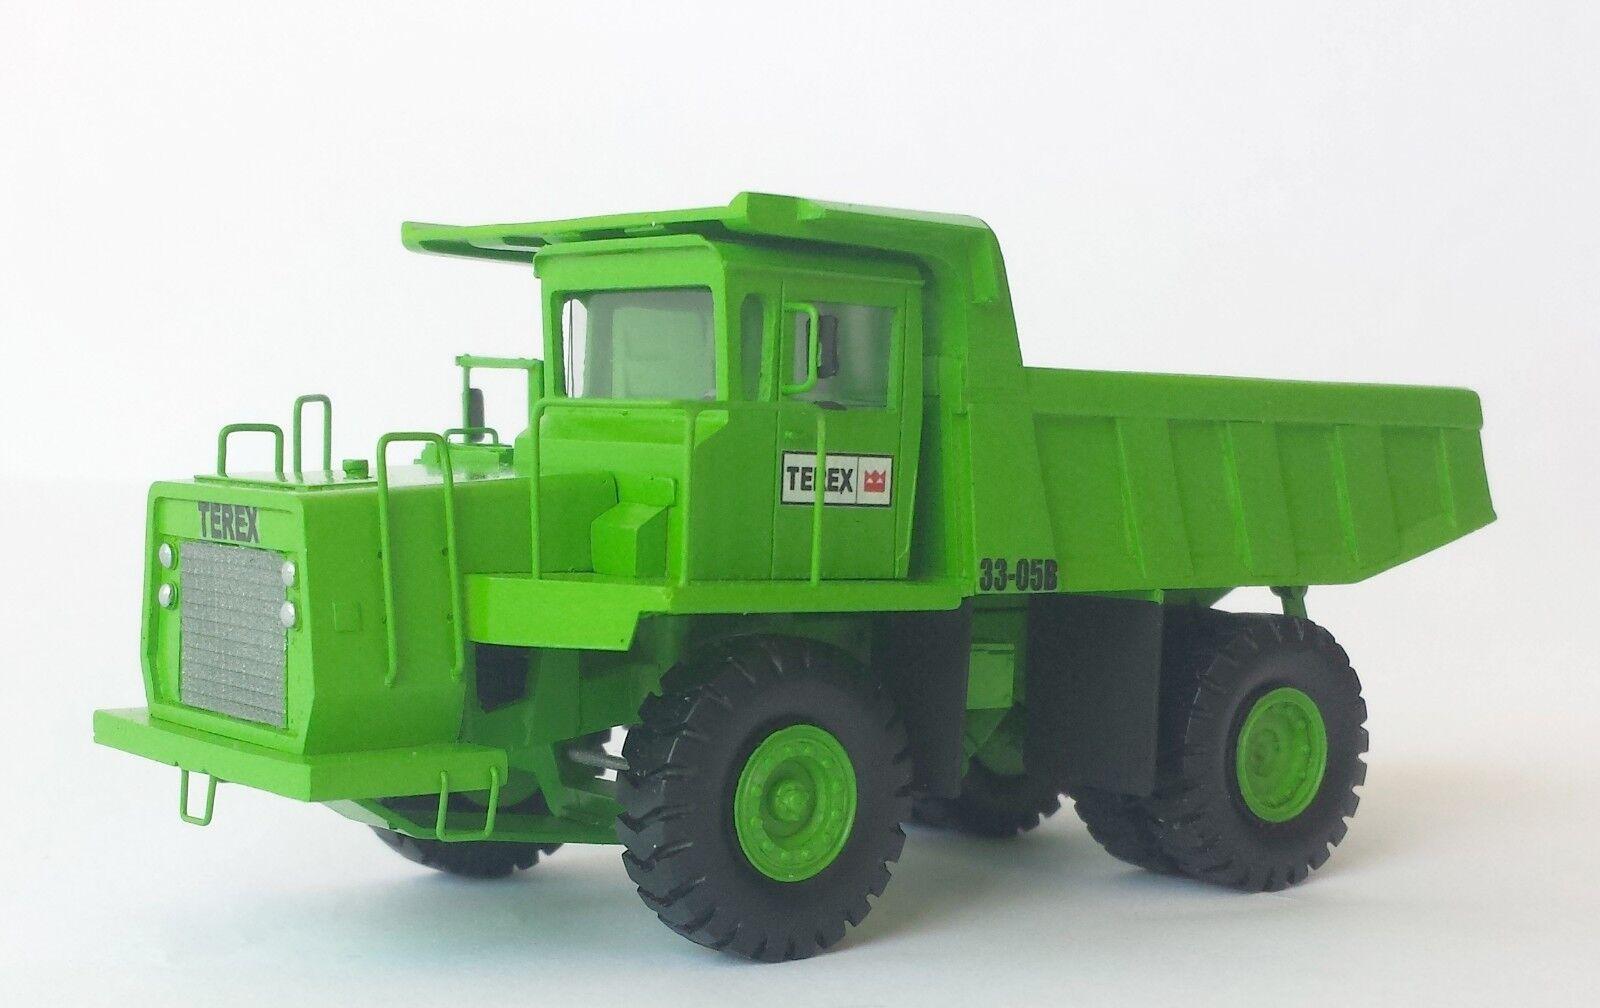 1 87 Terex 33-05B 30 T Camion Benne-HANDBUILT Résine Modèle